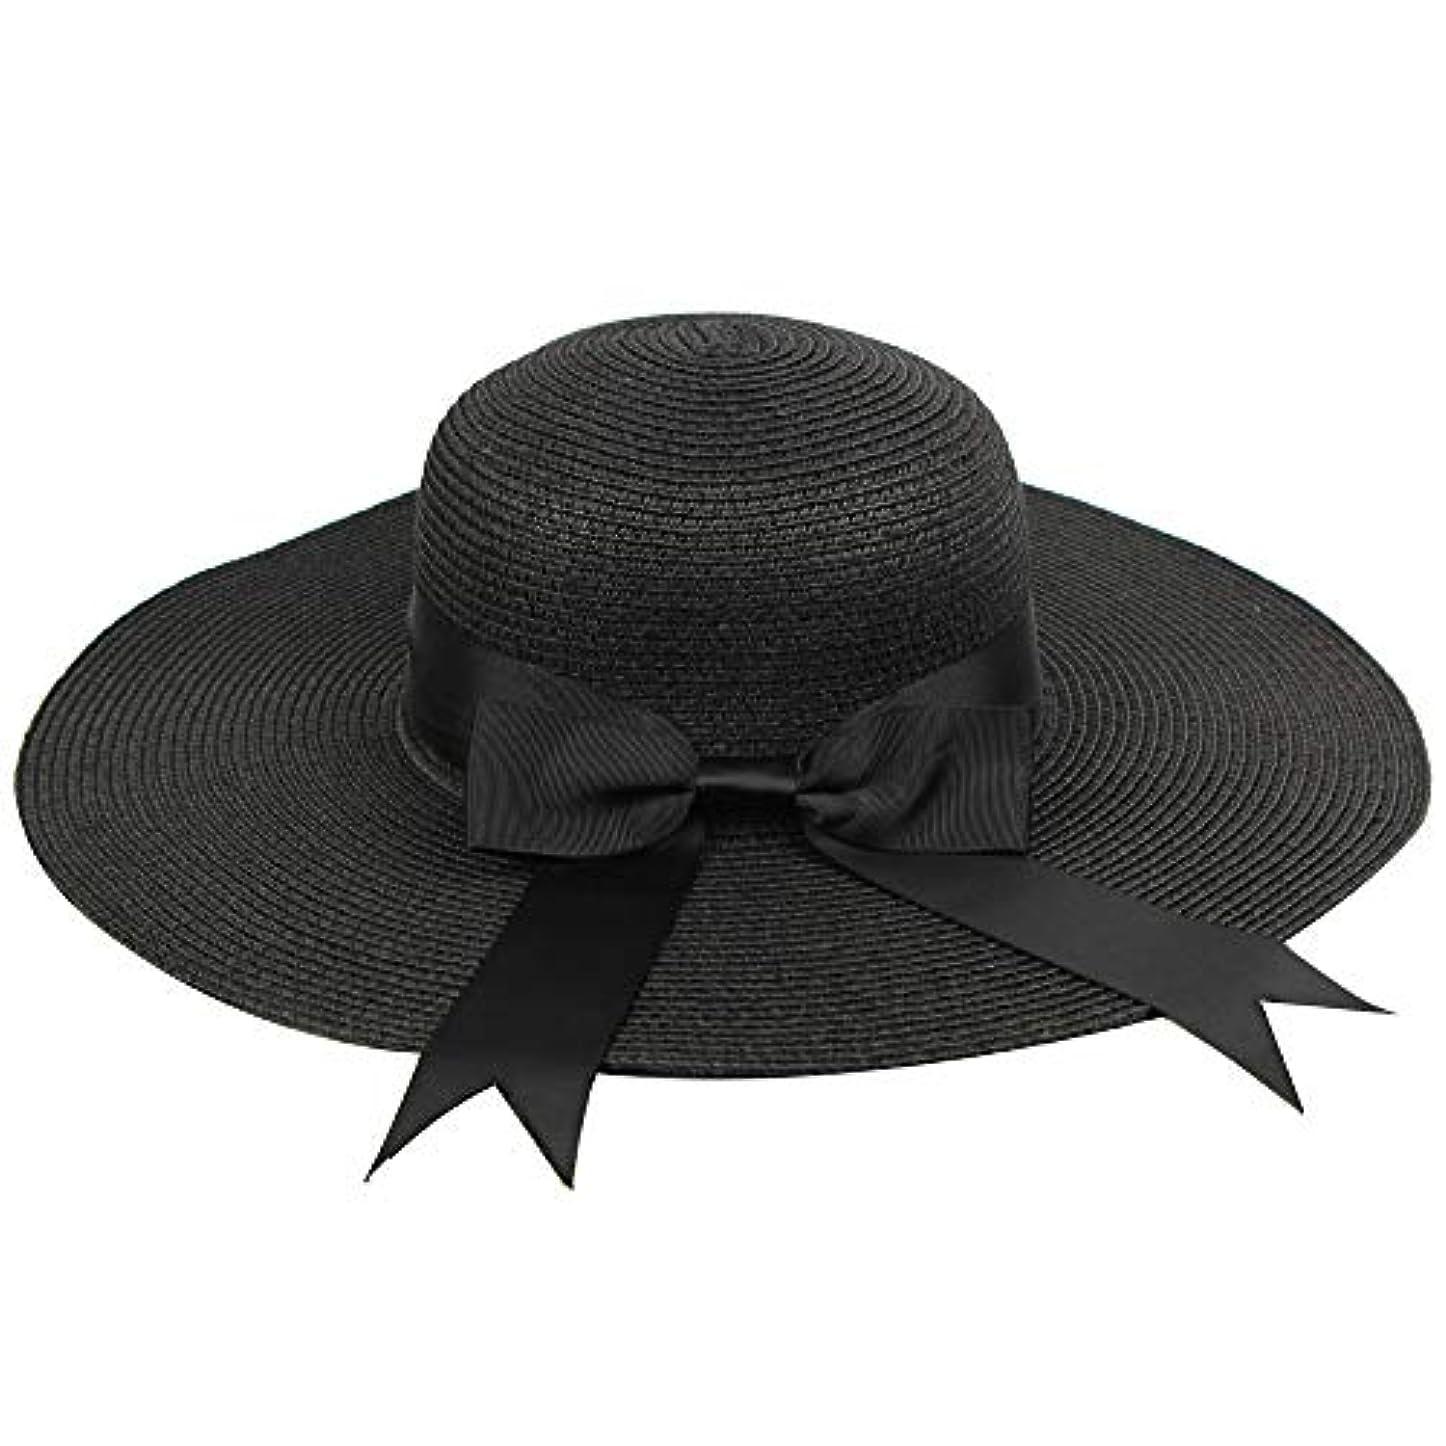 ナプキン定期的な廃止するUVカット 帽子 ハット レディース 紫外線対策 日焼け防止 軽量 熱中症予防 取り外すあご紐 つば広 おしゃれ 広幅 小顔効果抜群 折りたたみ サイズ調節可 旅行 調節テープ 吸汗通気 紫外線対策 ROSE ROMAN